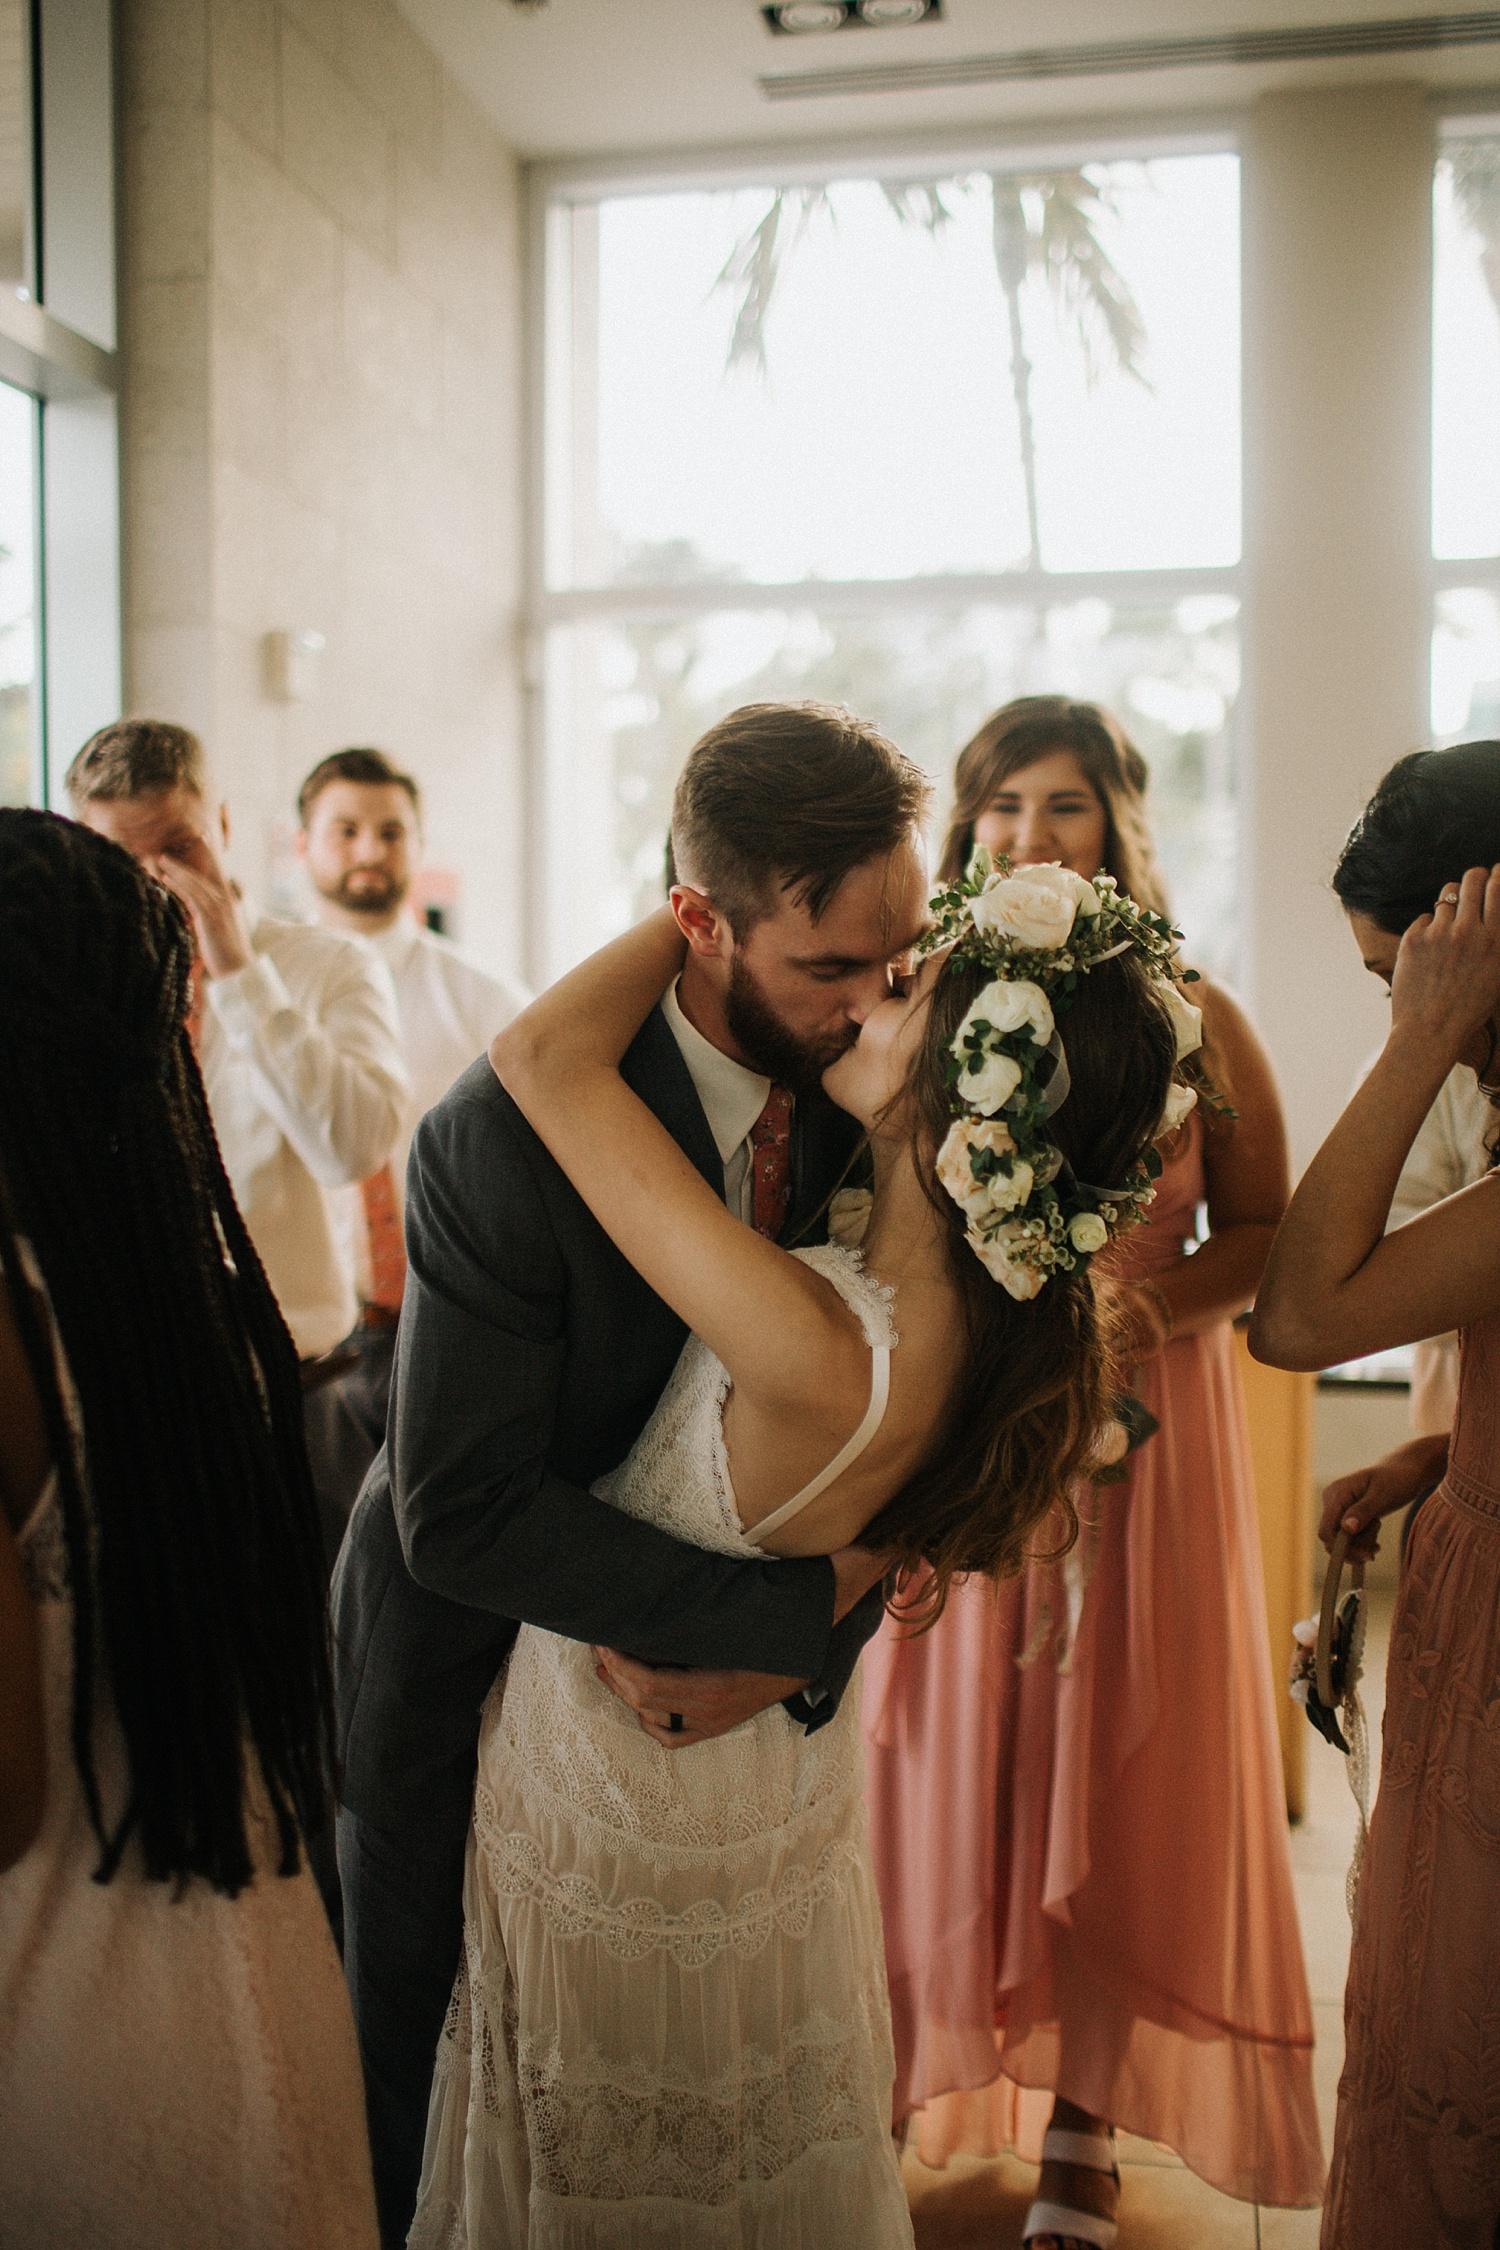 Peter + Kareena Rineer Downtown West Palm Beach December Wedding 2018_0056.jpg